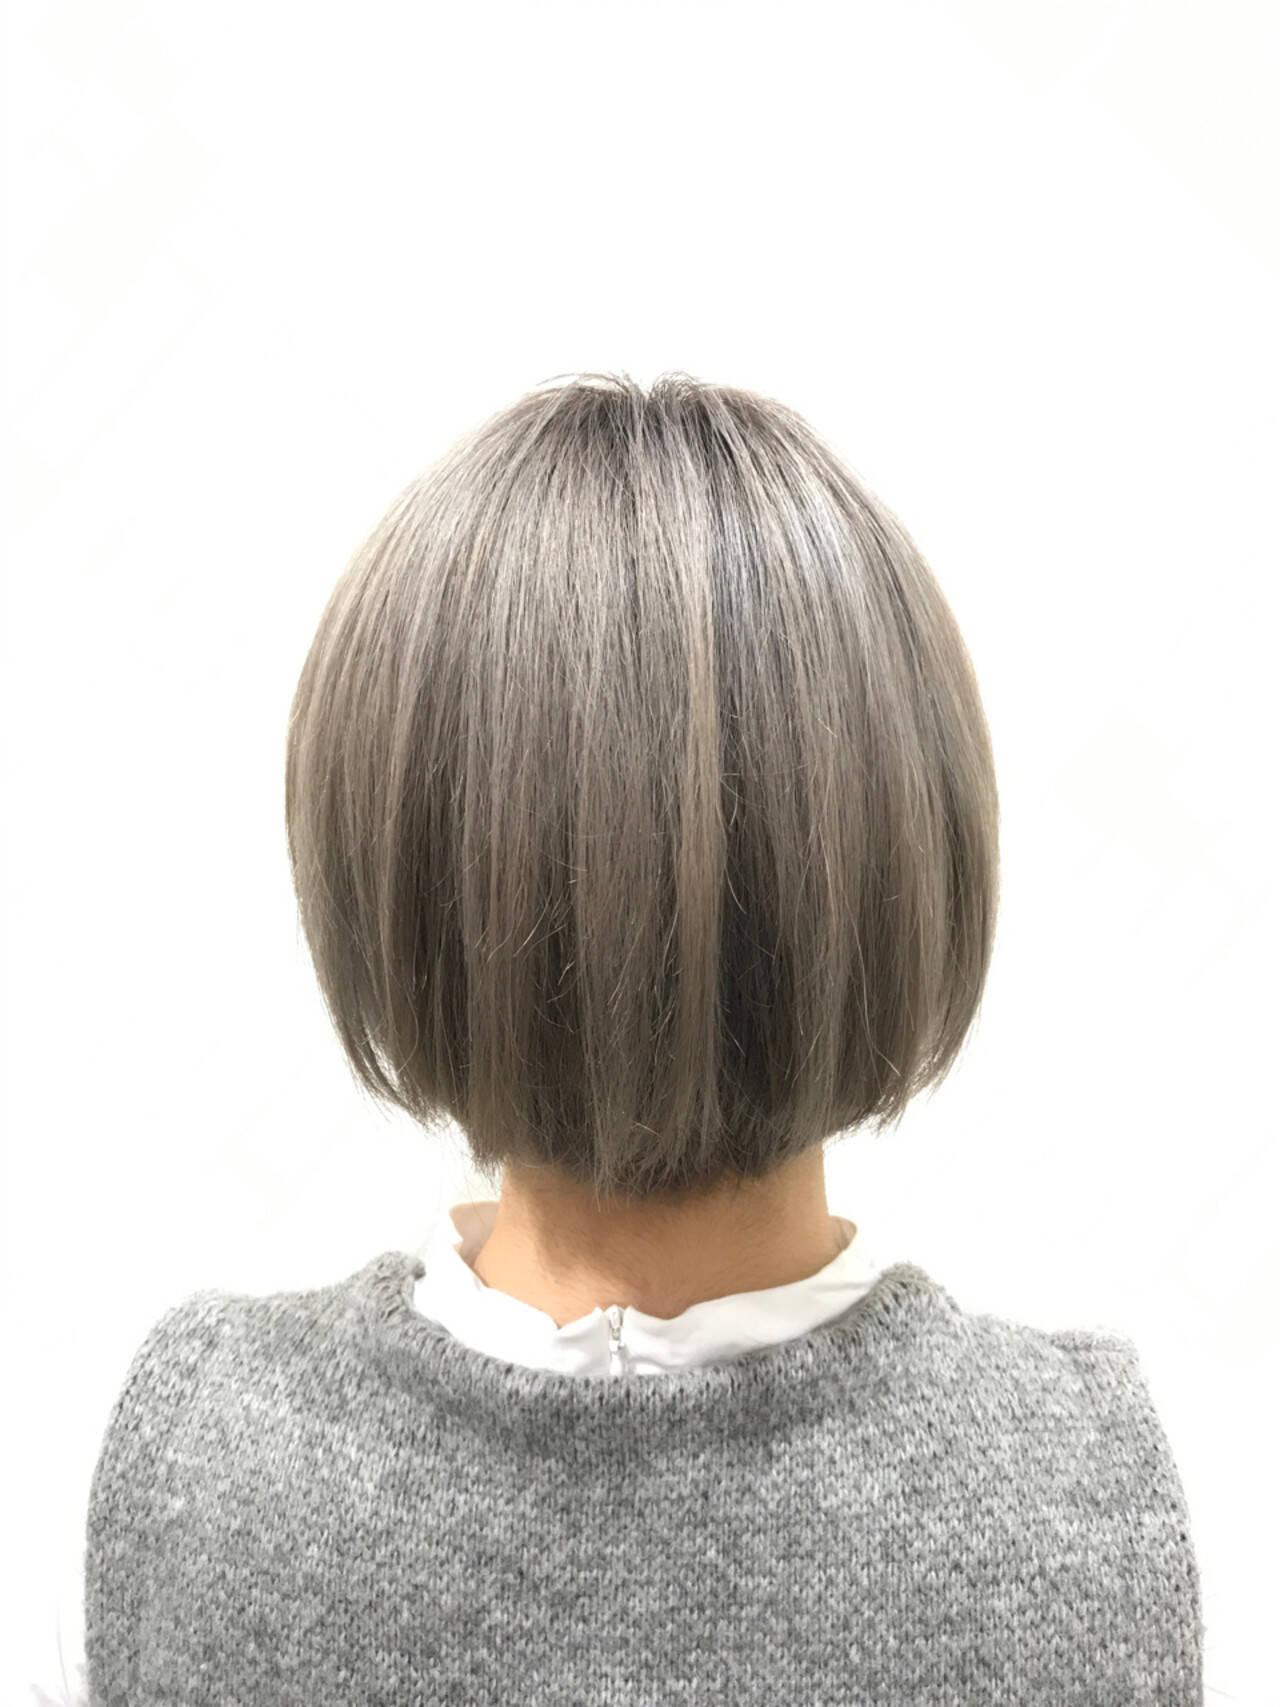 ショート モード グレー シルバーアッシュヘアスタイルや髪型の写真・画像